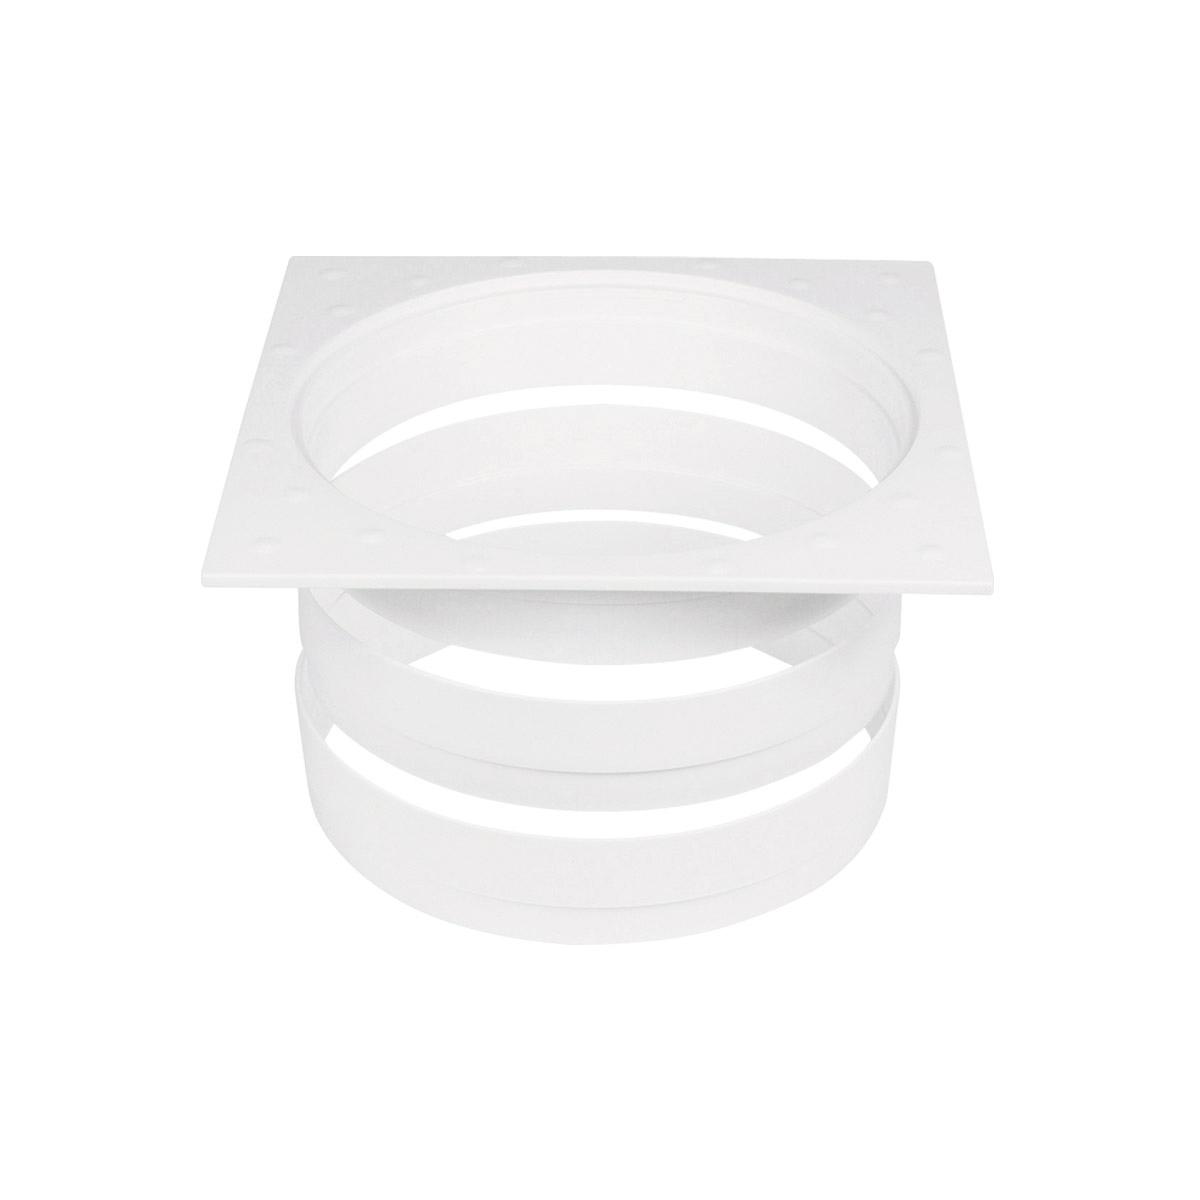 Höhenverlängerung für Skimmer Ocean® ABS weiß Höhenverlängerung für Skimmer Ocean® ABS weiß